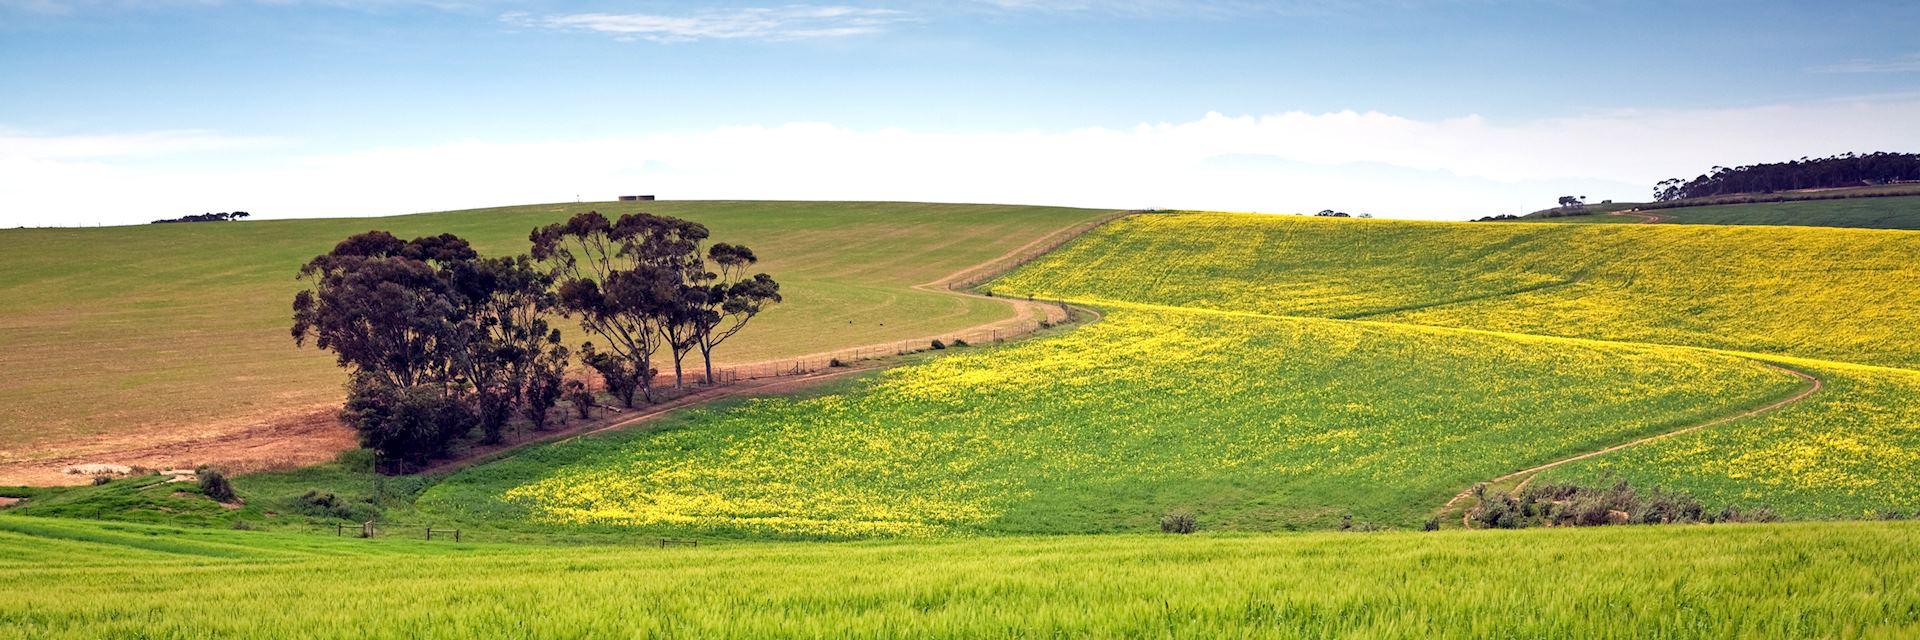 Grain farm in the Overberg